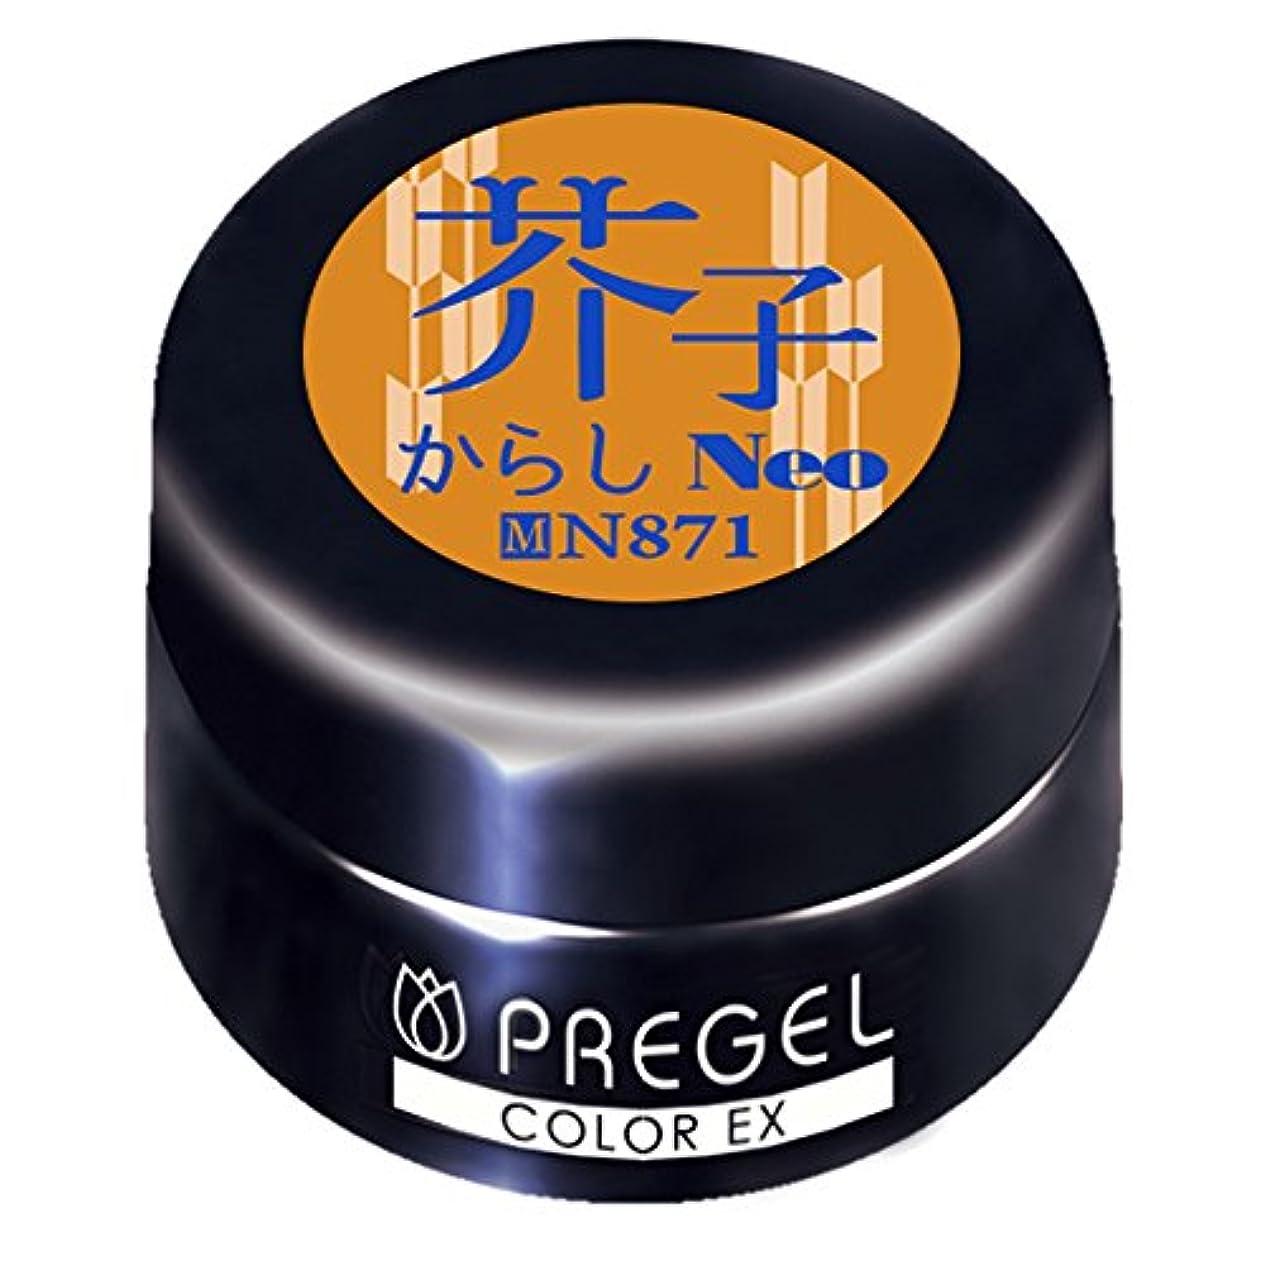 口静的監督するPRE GELカラーEX 芥子(からし)neo 3g PG-CEN871